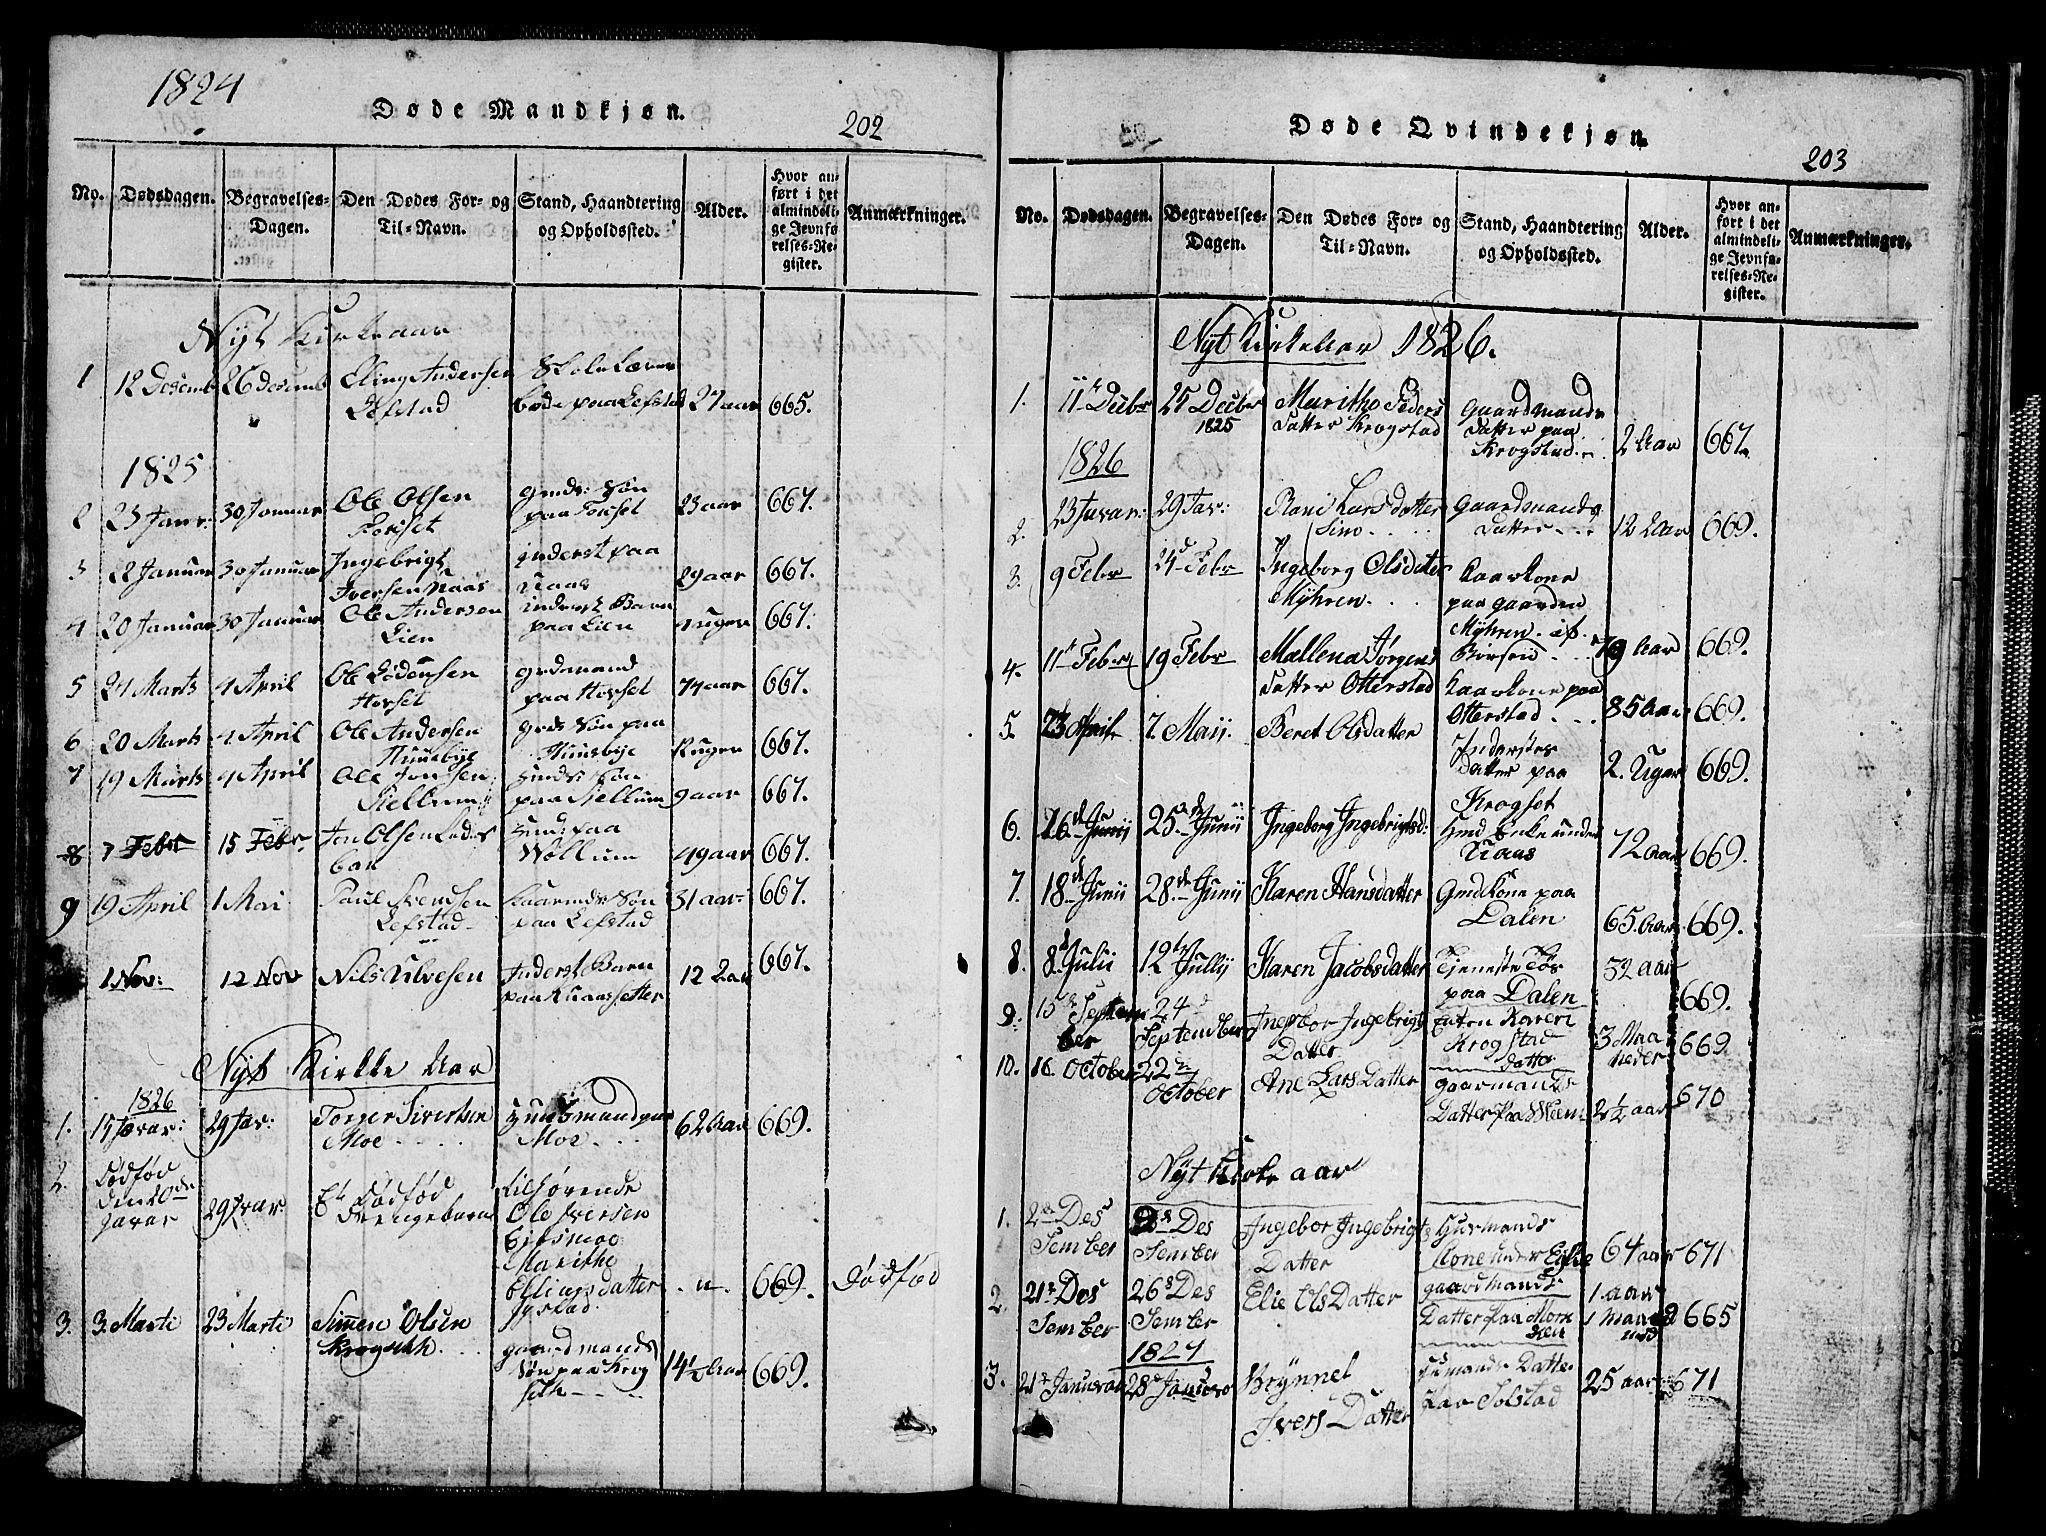 SAT, Ministerialprotokoller, klokkerbøker og fødselsregistre - Sør-Trøndelag, 667/L0796: Klokkerbok nr. 667C01, 1817-1836, s. 202-203